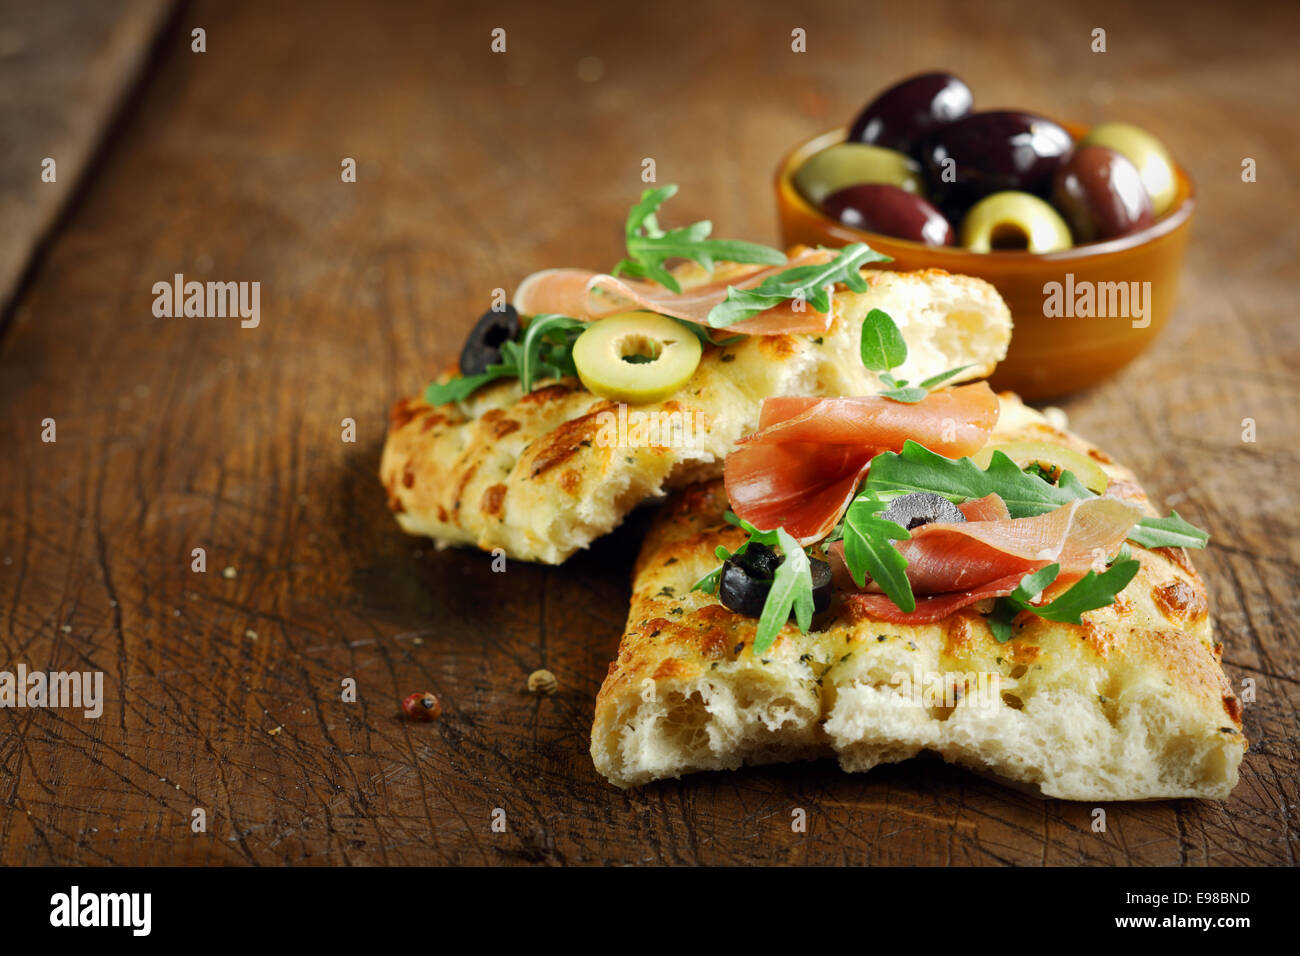 Prosciutto e rucola fresca sulla focaccia italiana guarnita con fette di olive giacente su una vecchia cucina in legno tavolo Foto Stock